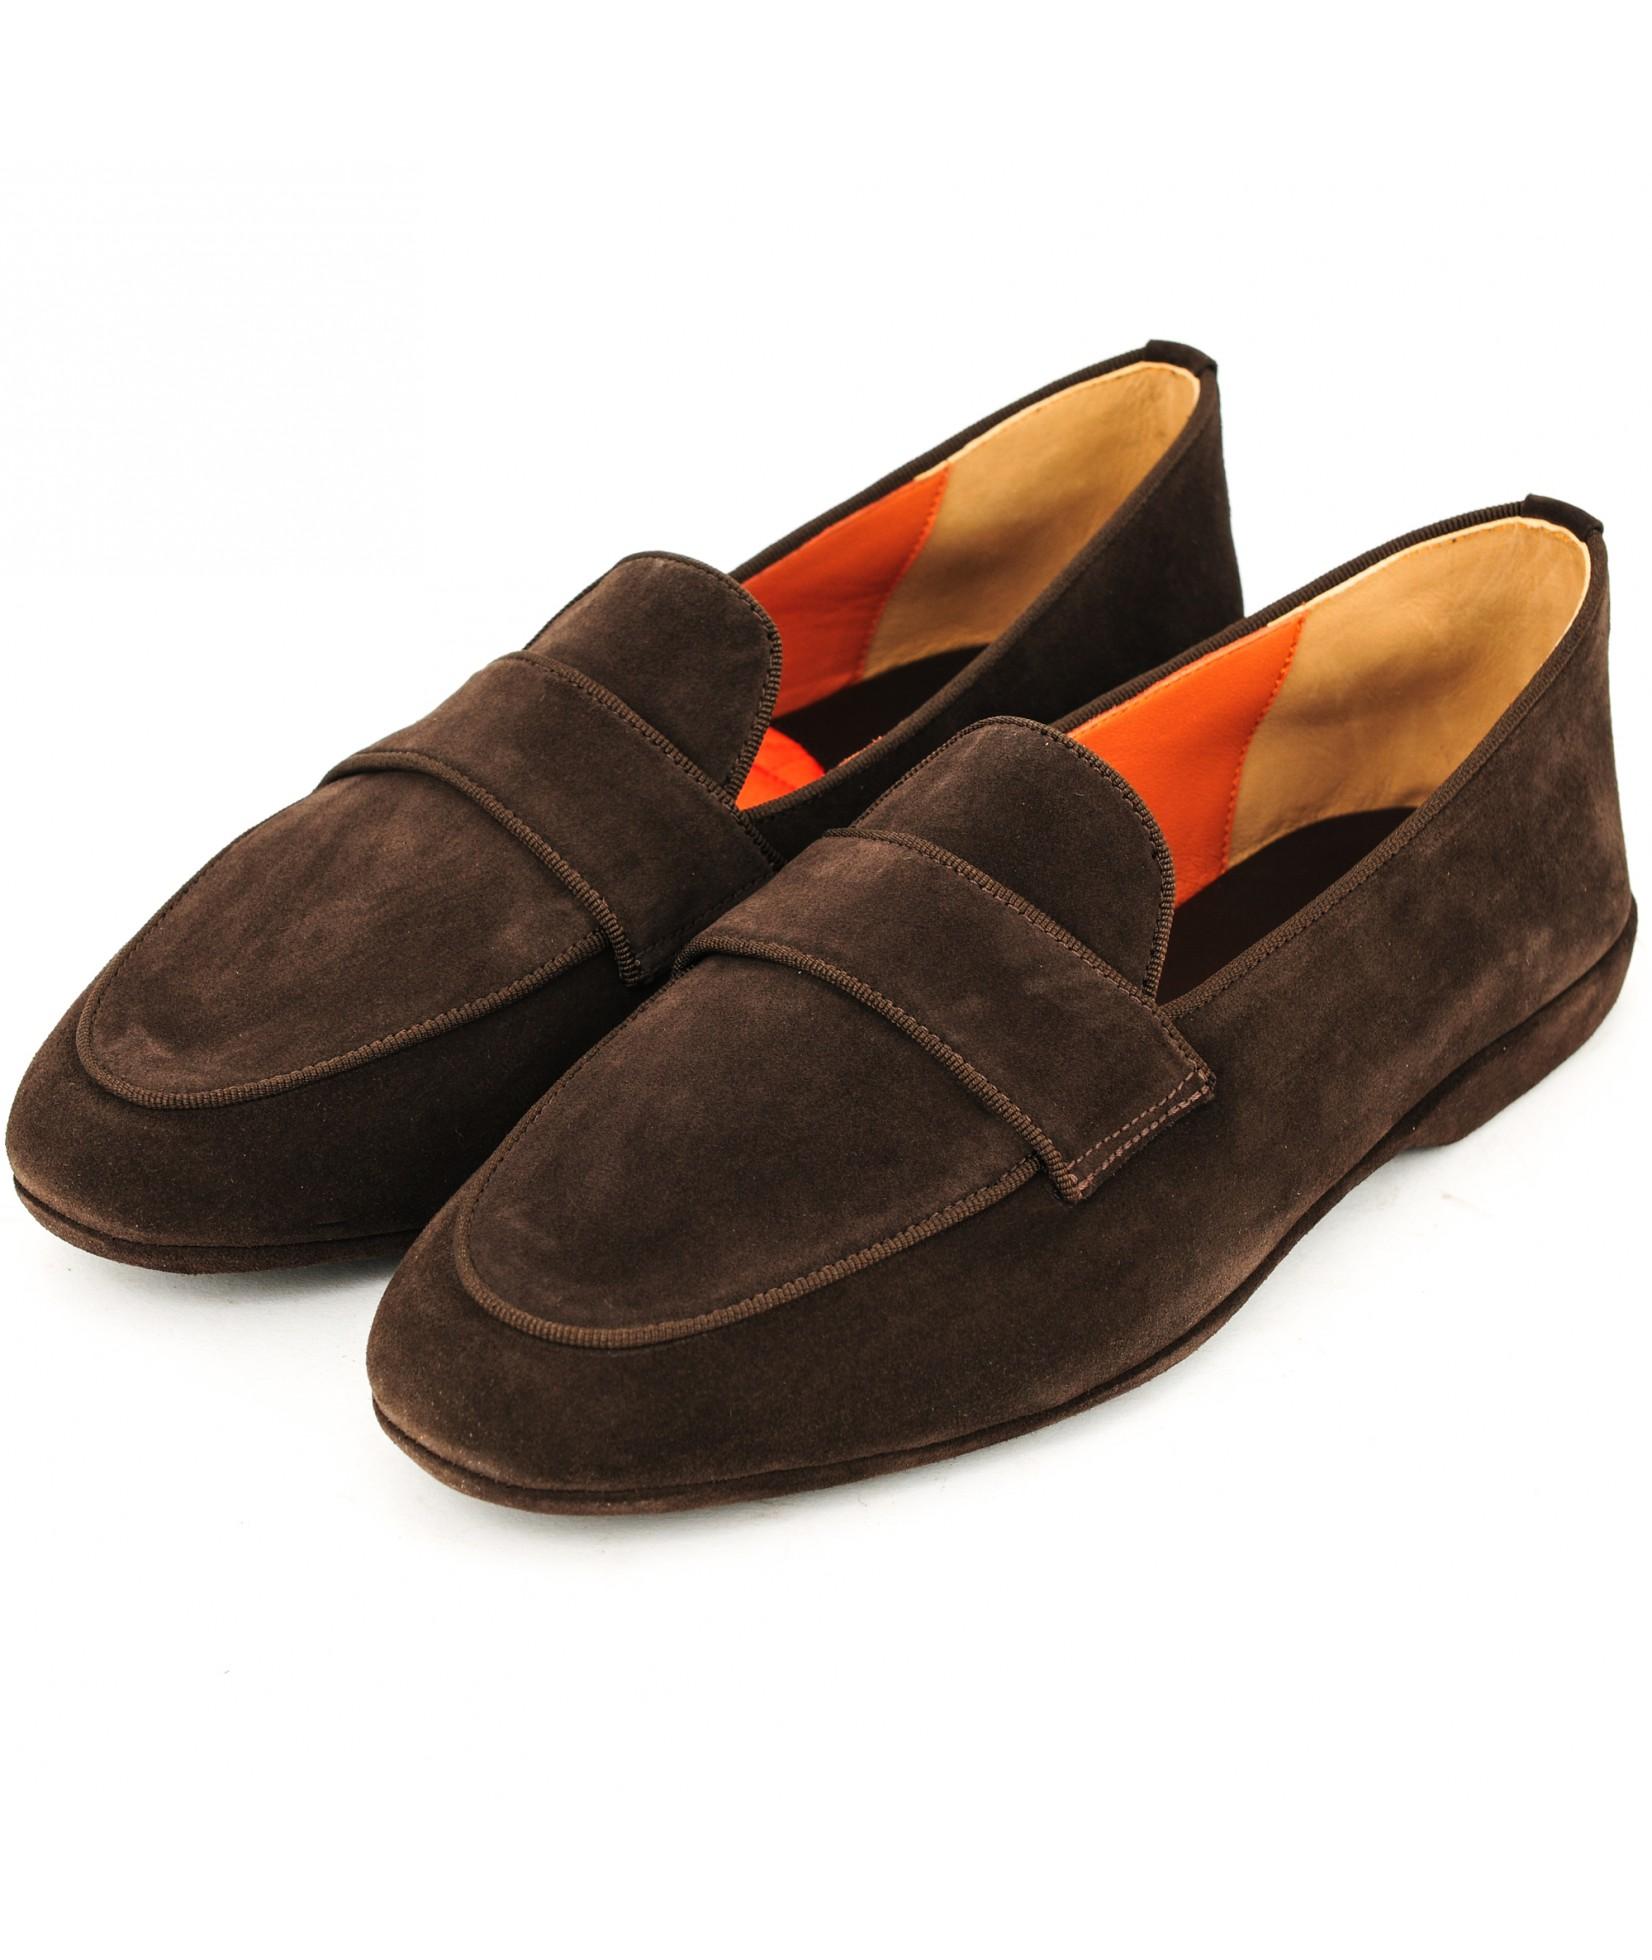 Santoni Pantofola 棕色 (31676)